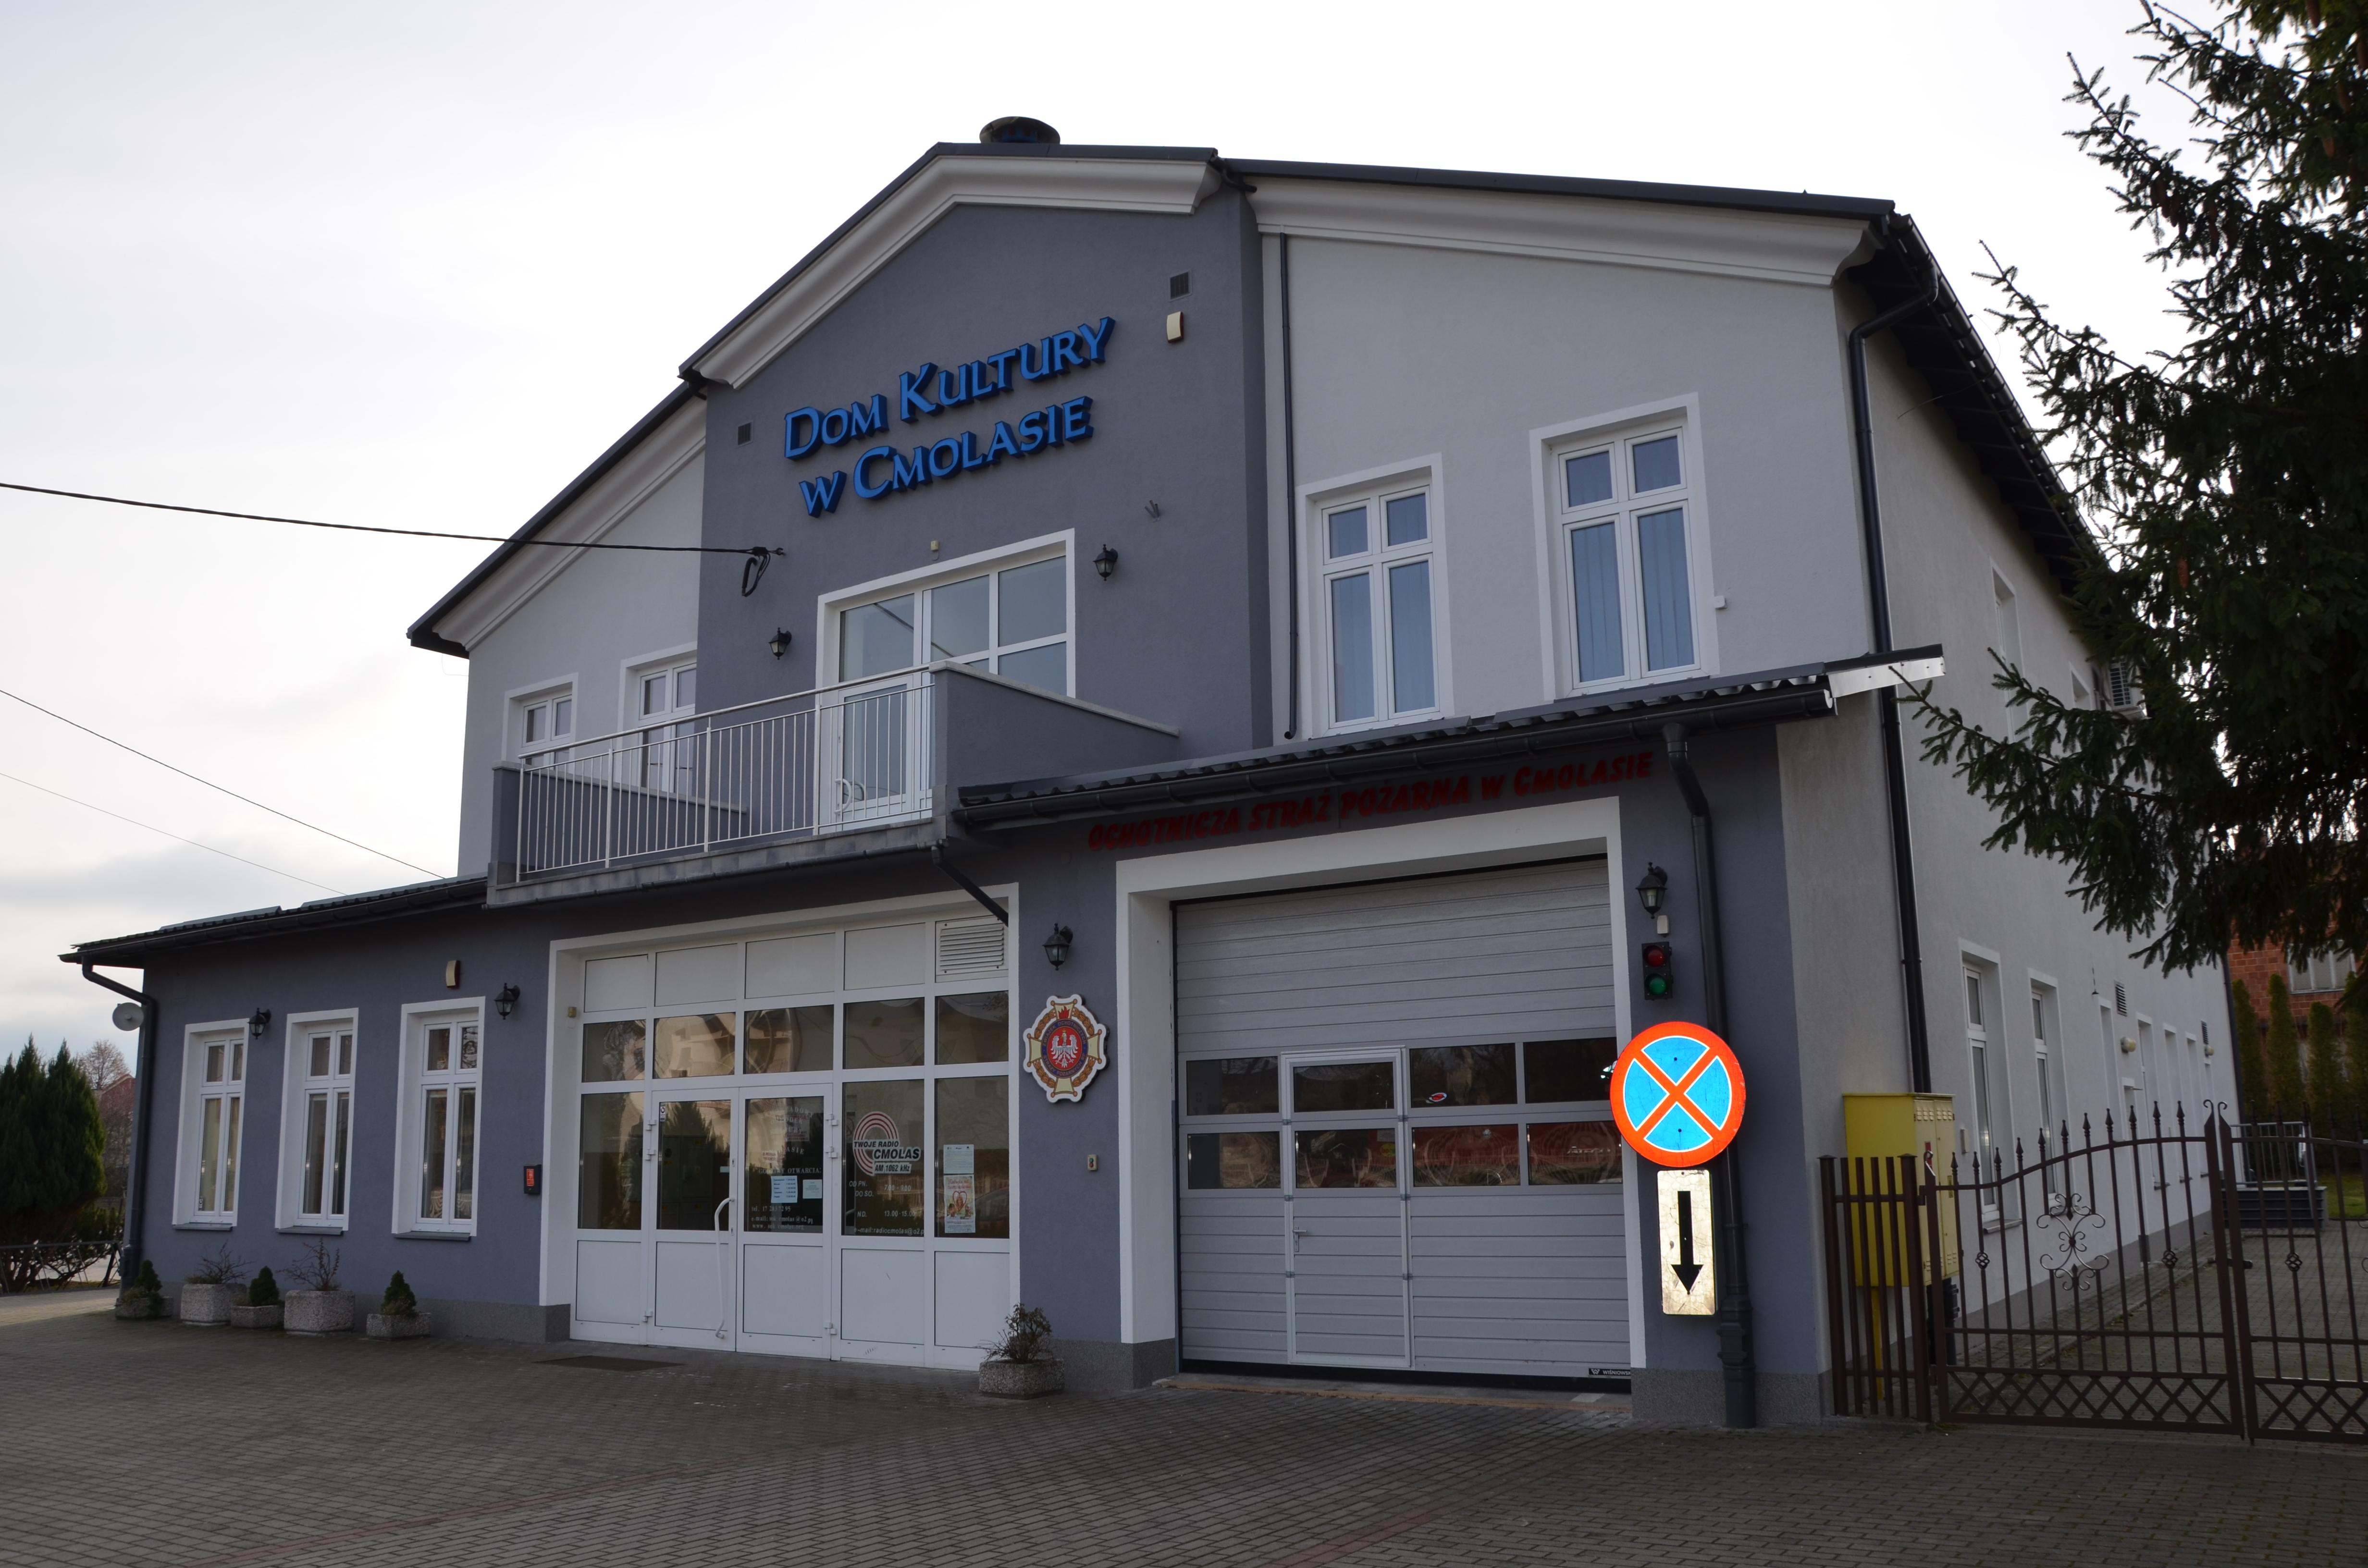 Zakończono przebudowę i remont Samorządowego Ośrodka Kultury w Cmolasie [ZDJĘCIA] - Zdjęcie główne